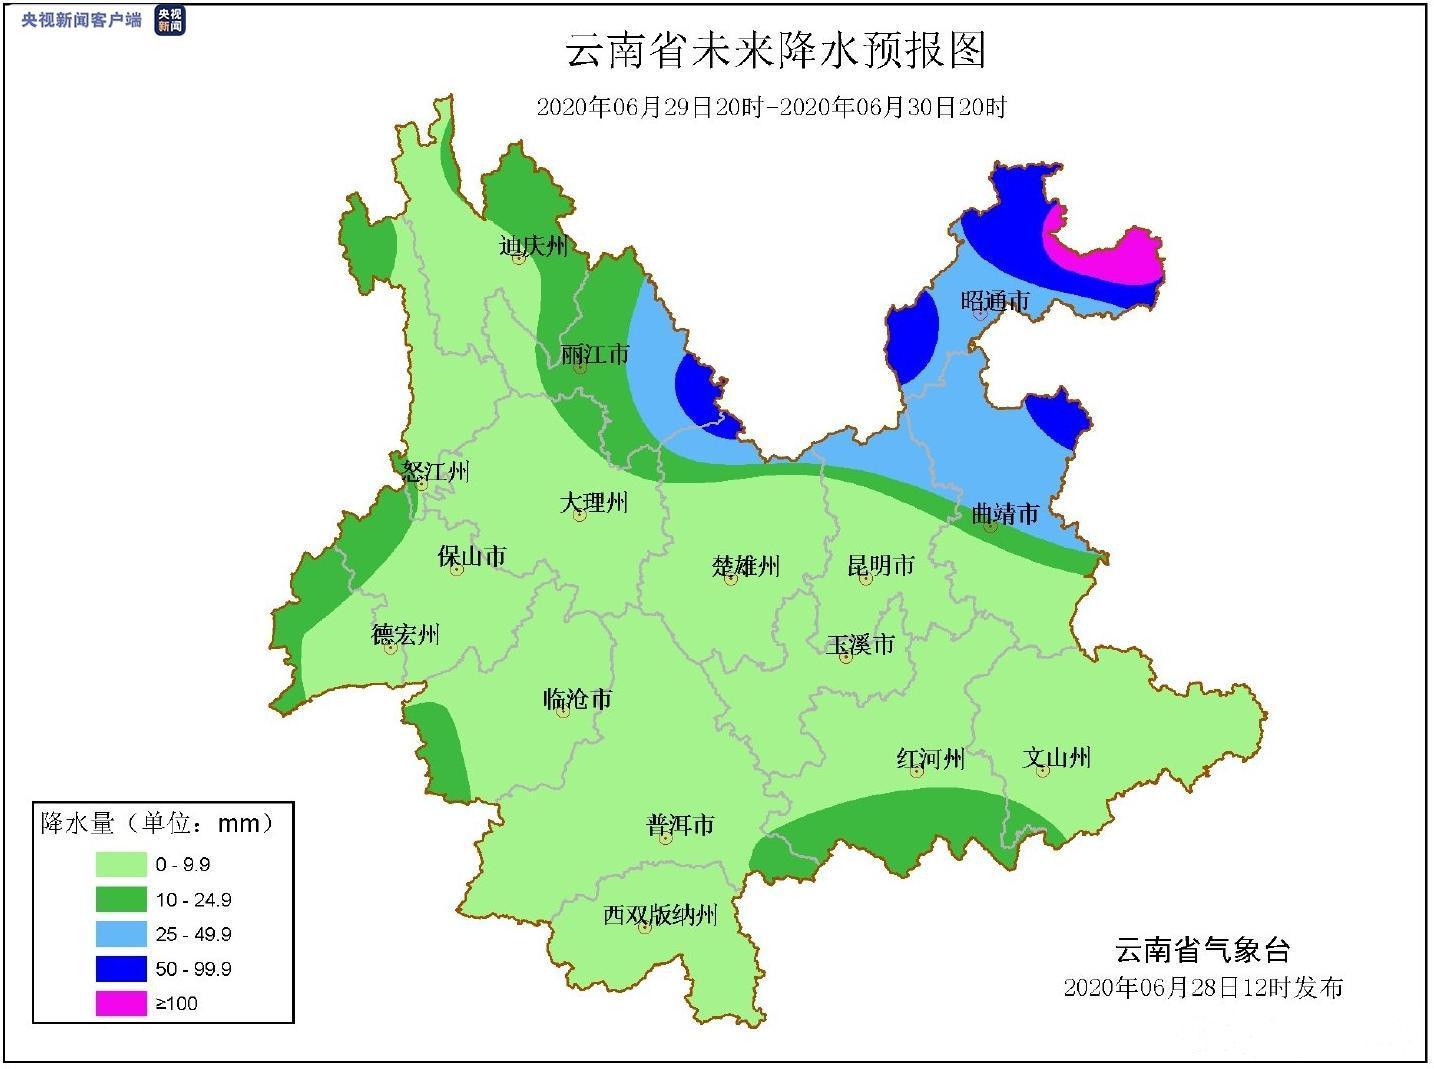 摩天注册:强降雨云南发布摩天注册地质灾害气图片